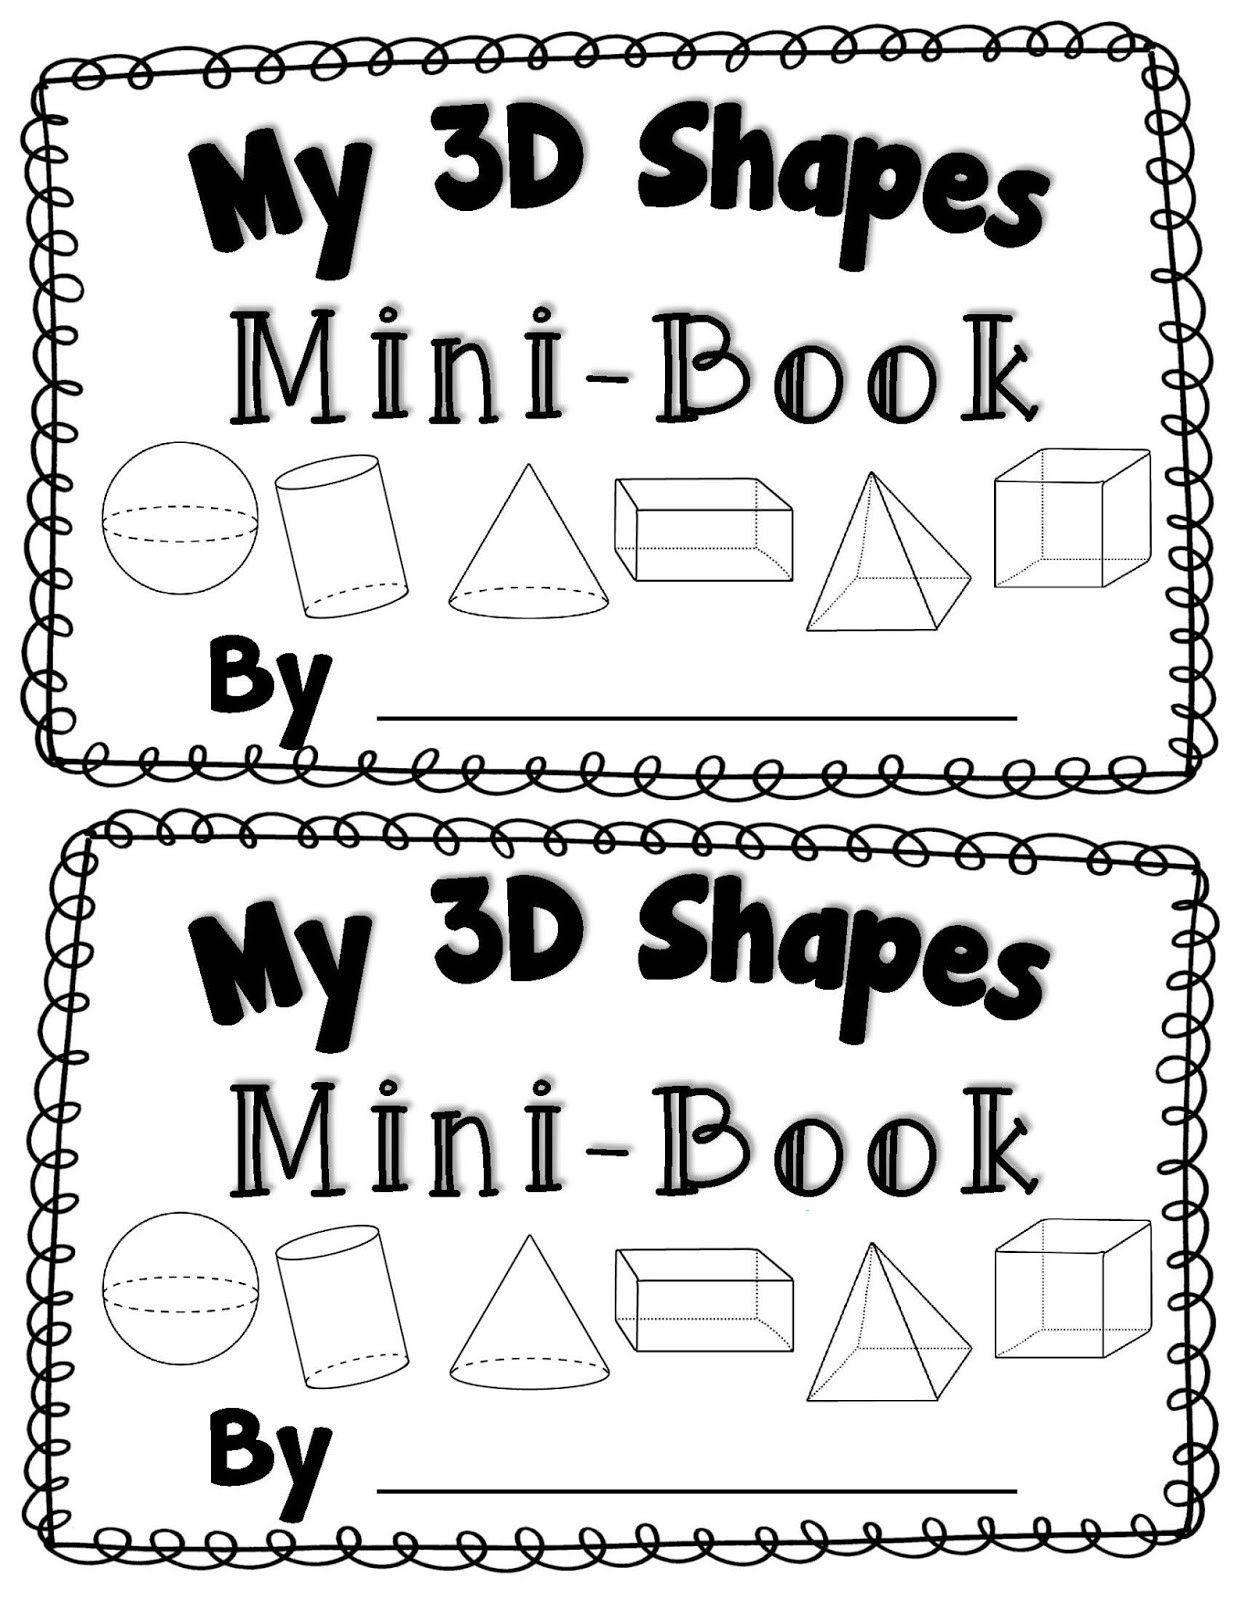 3d Shapes Kindergarten Worksheet Kindergarten 3d Shapes Worksheets In 2021 Shapes Kindergarten 3d Shapes Kindergarten Kindergarten Worksheets Printable [ 1600 x 1237 Pixel ]